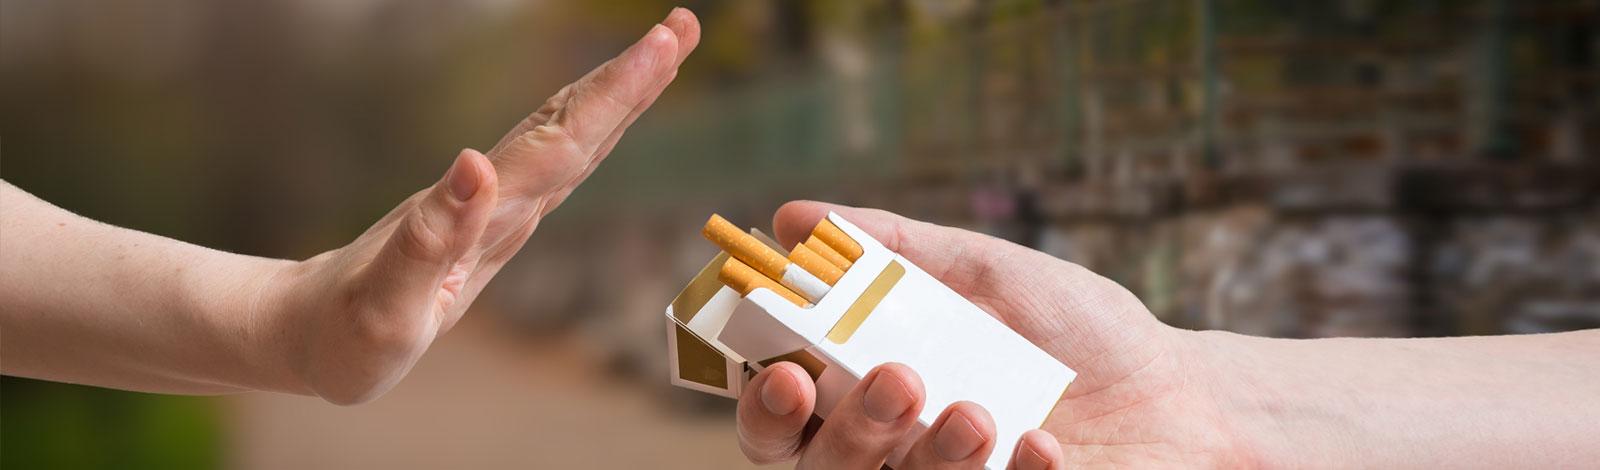 Banner Endlich Nichtraucher - Endlich Nichtraucher